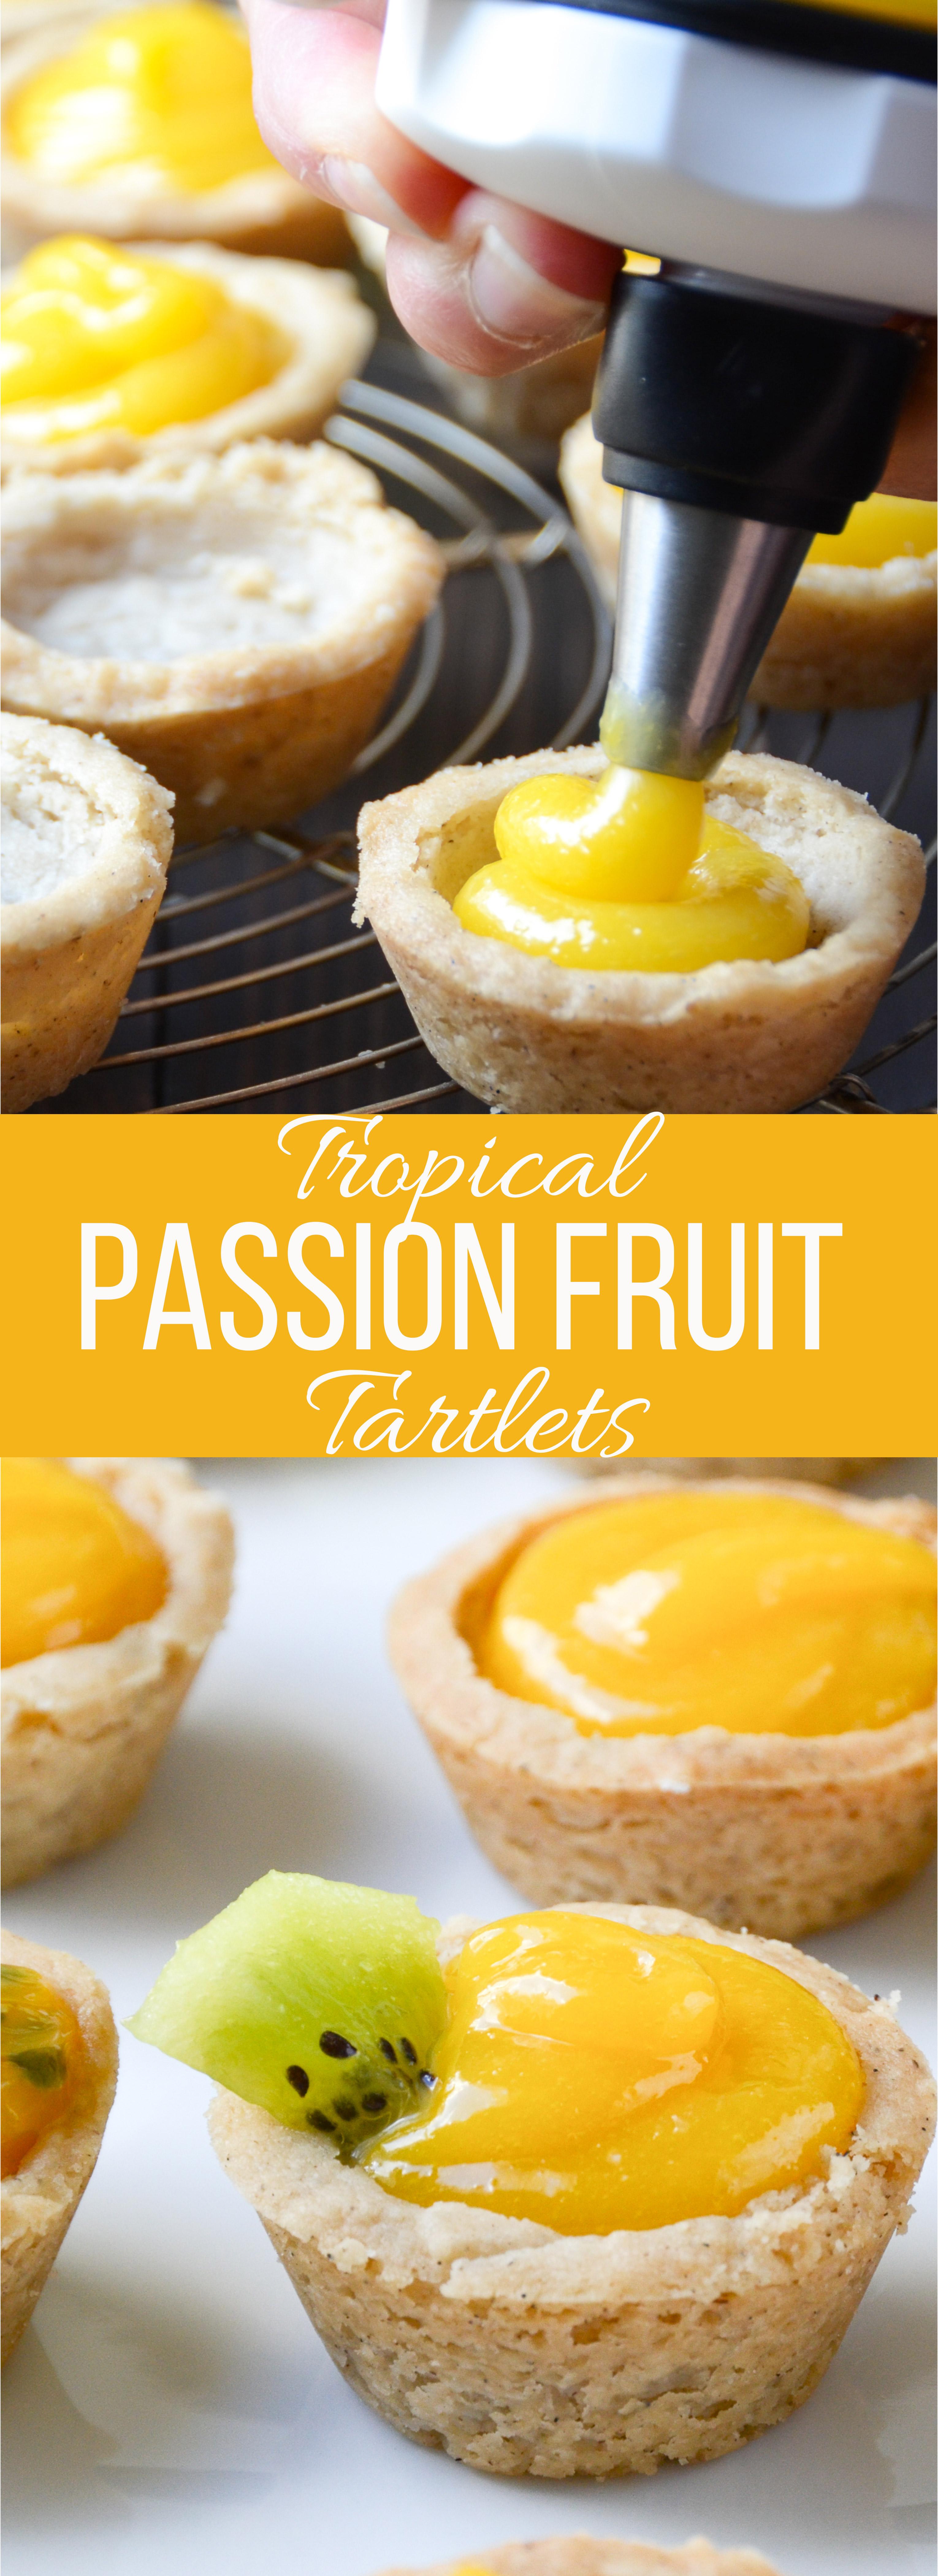 Tropical Passion Fruit Tartlets   Garlic + Zest